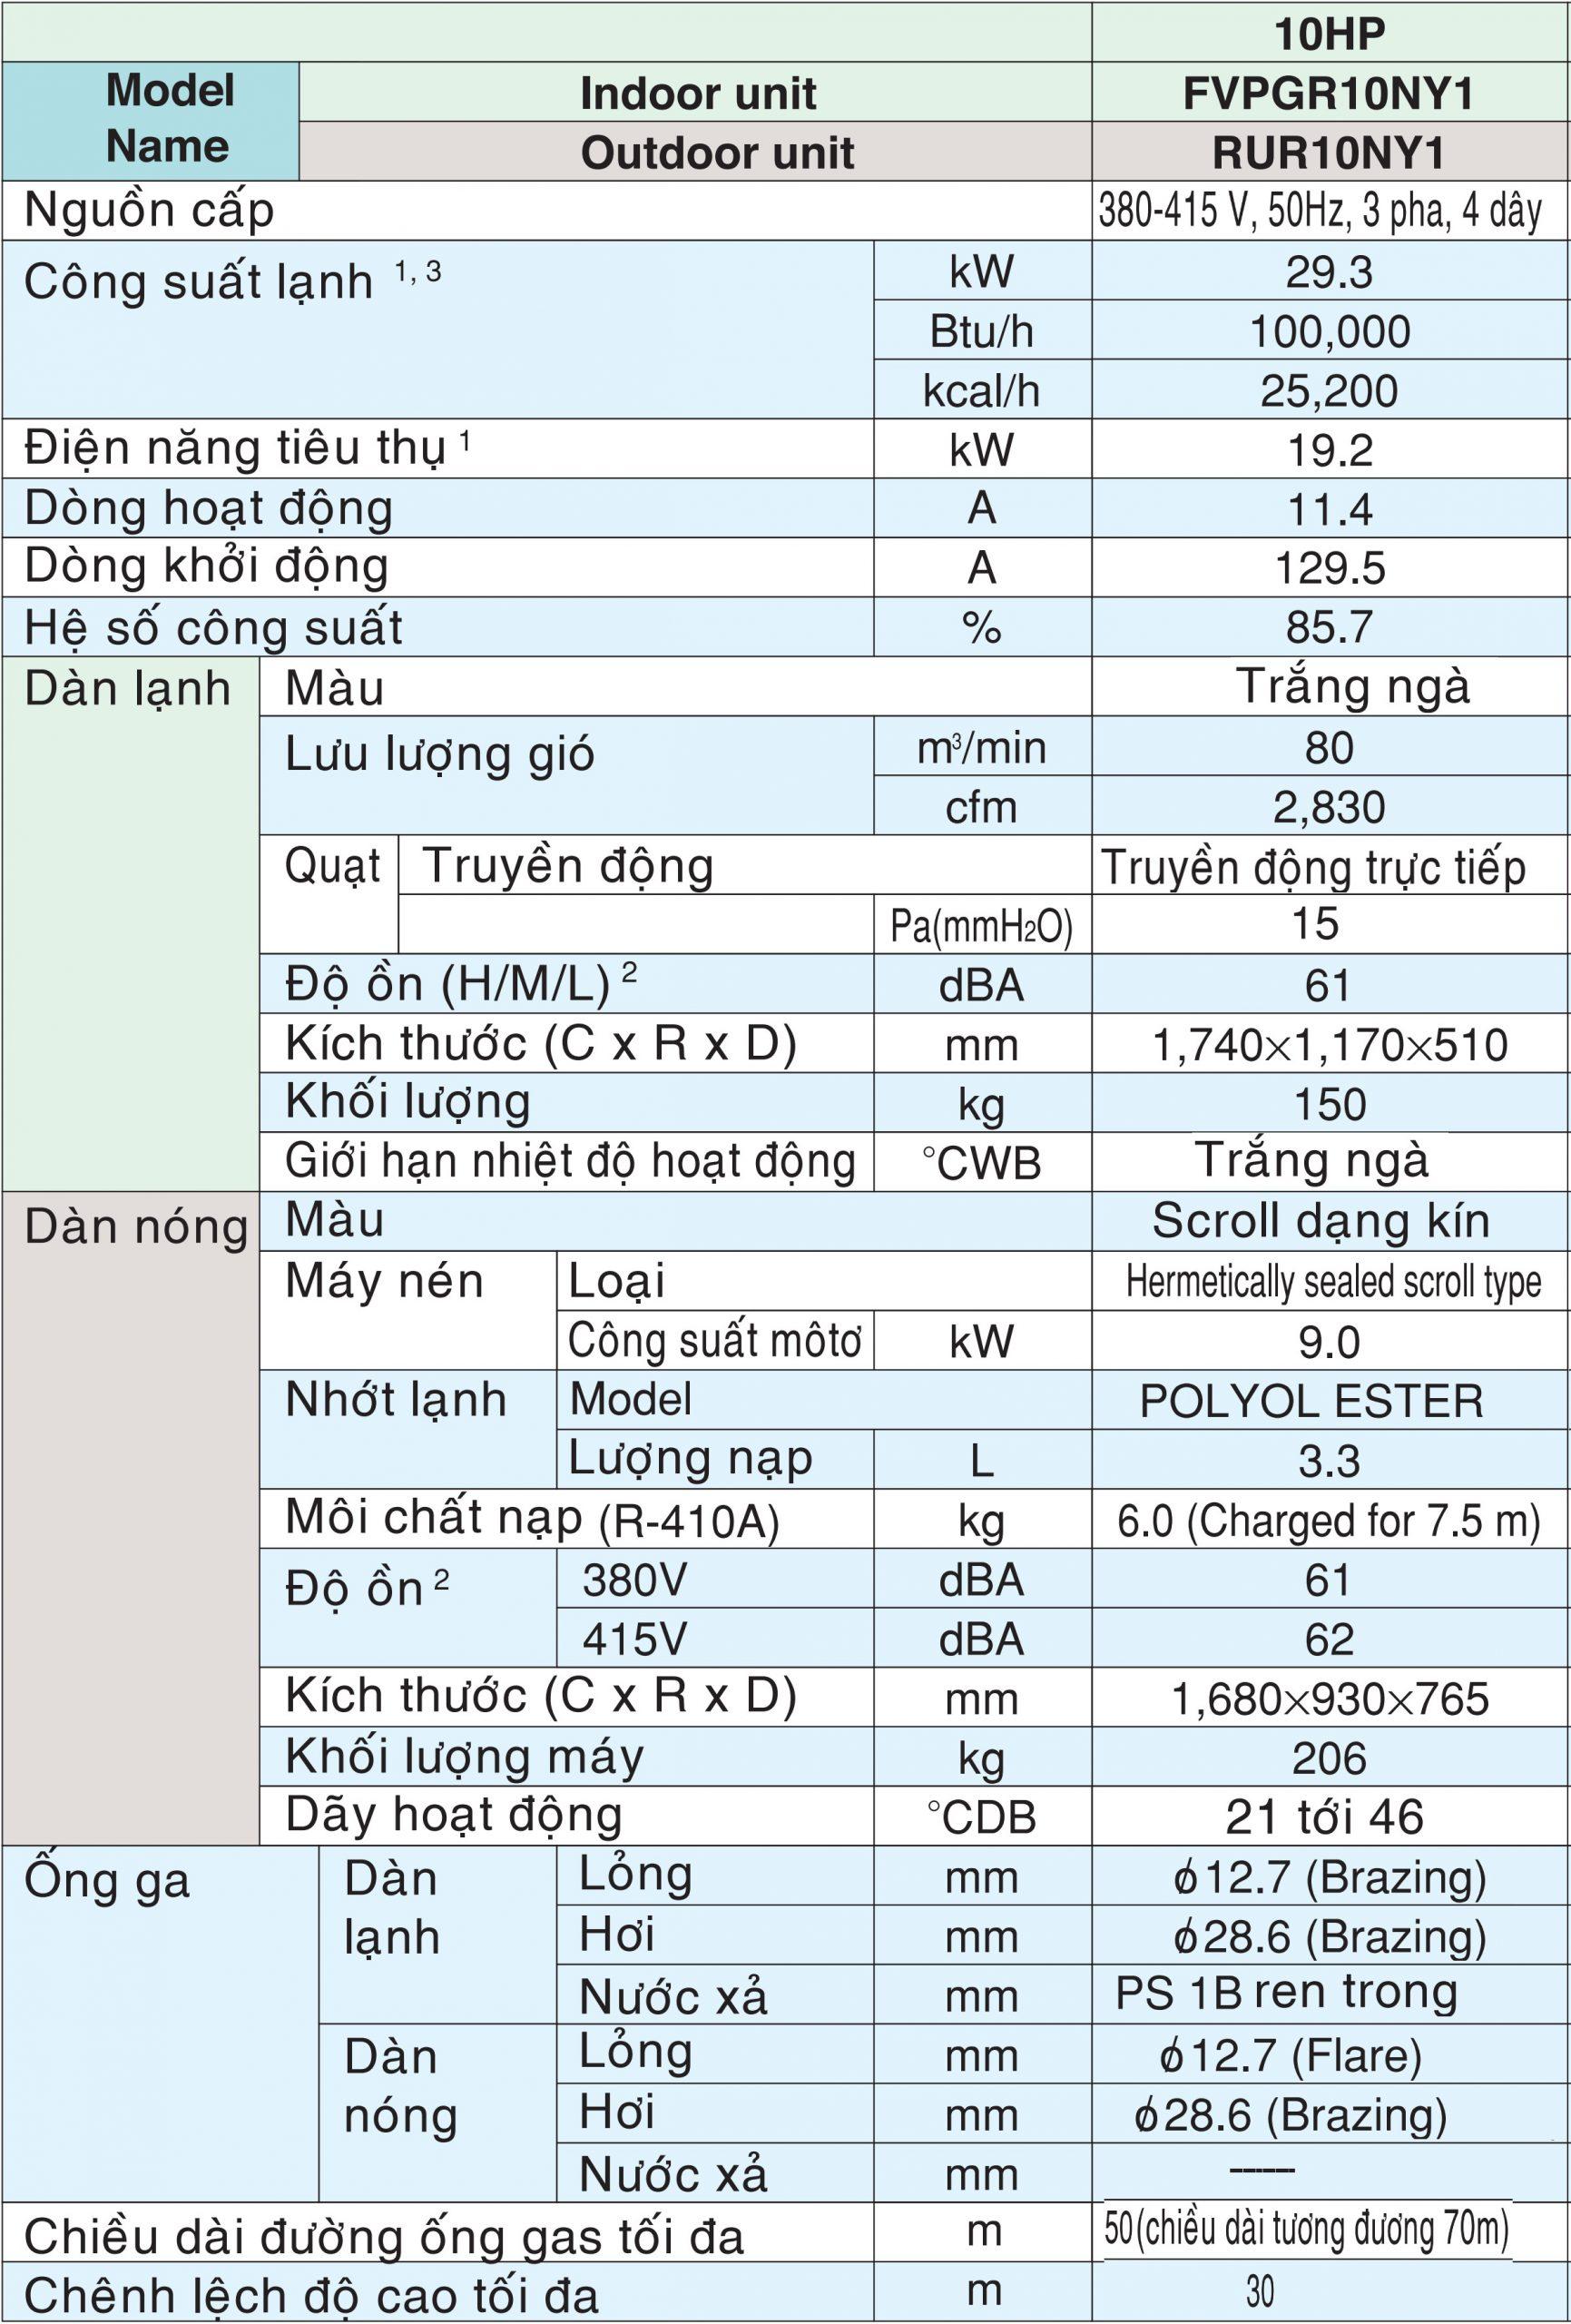 Thông số kỹ thuật FVPGR10NY1/RUR10NY1